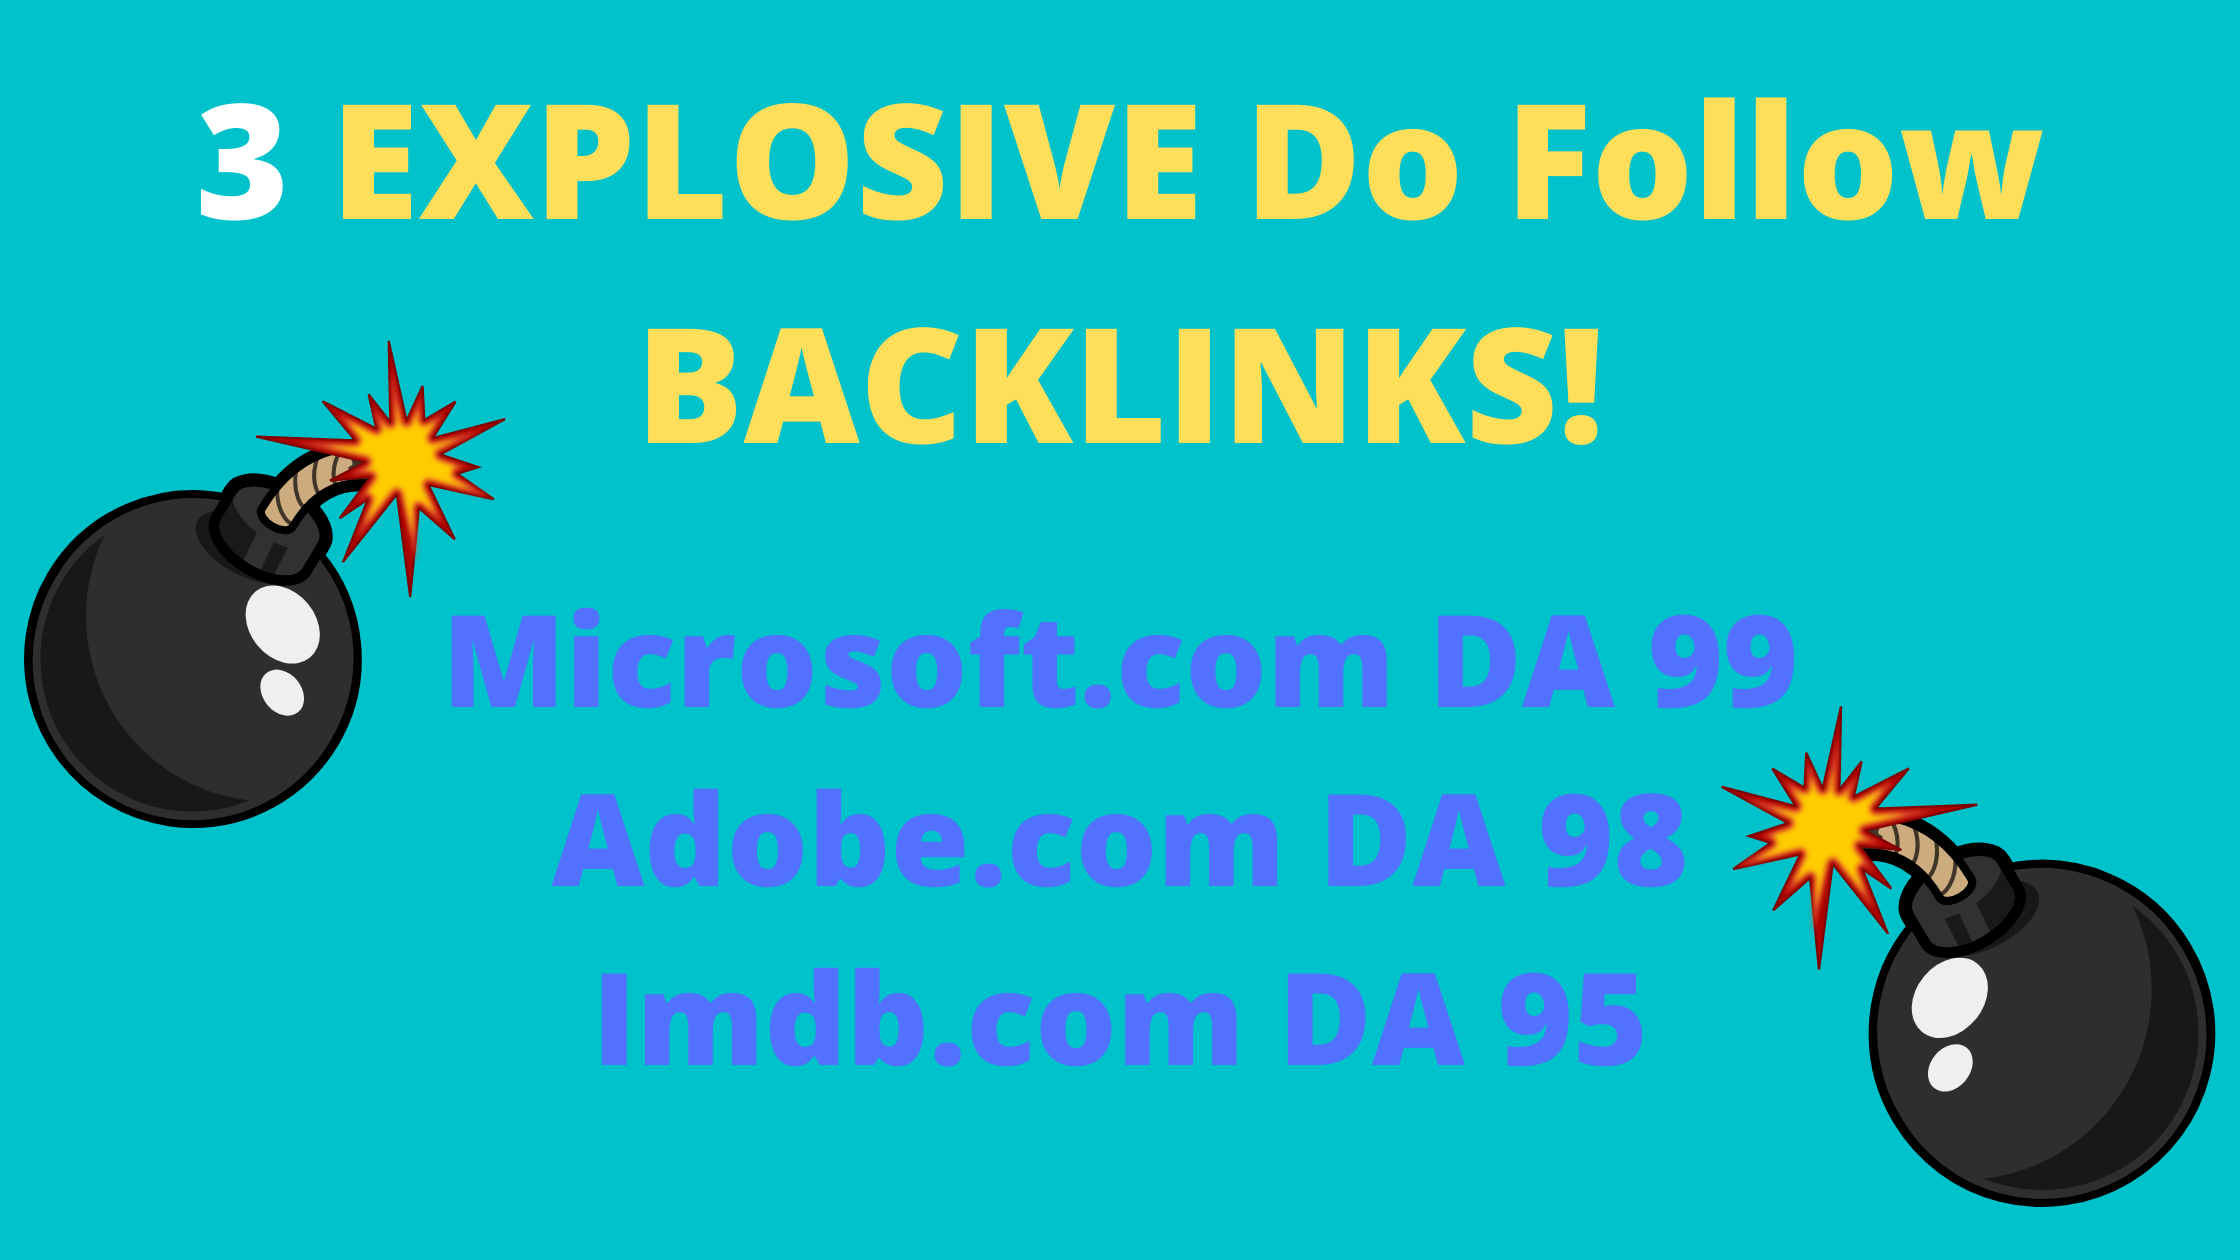 3 Do Follow Backlinks from Microsoft DA 99,  Adobe DA 98 and Imdb DA 95